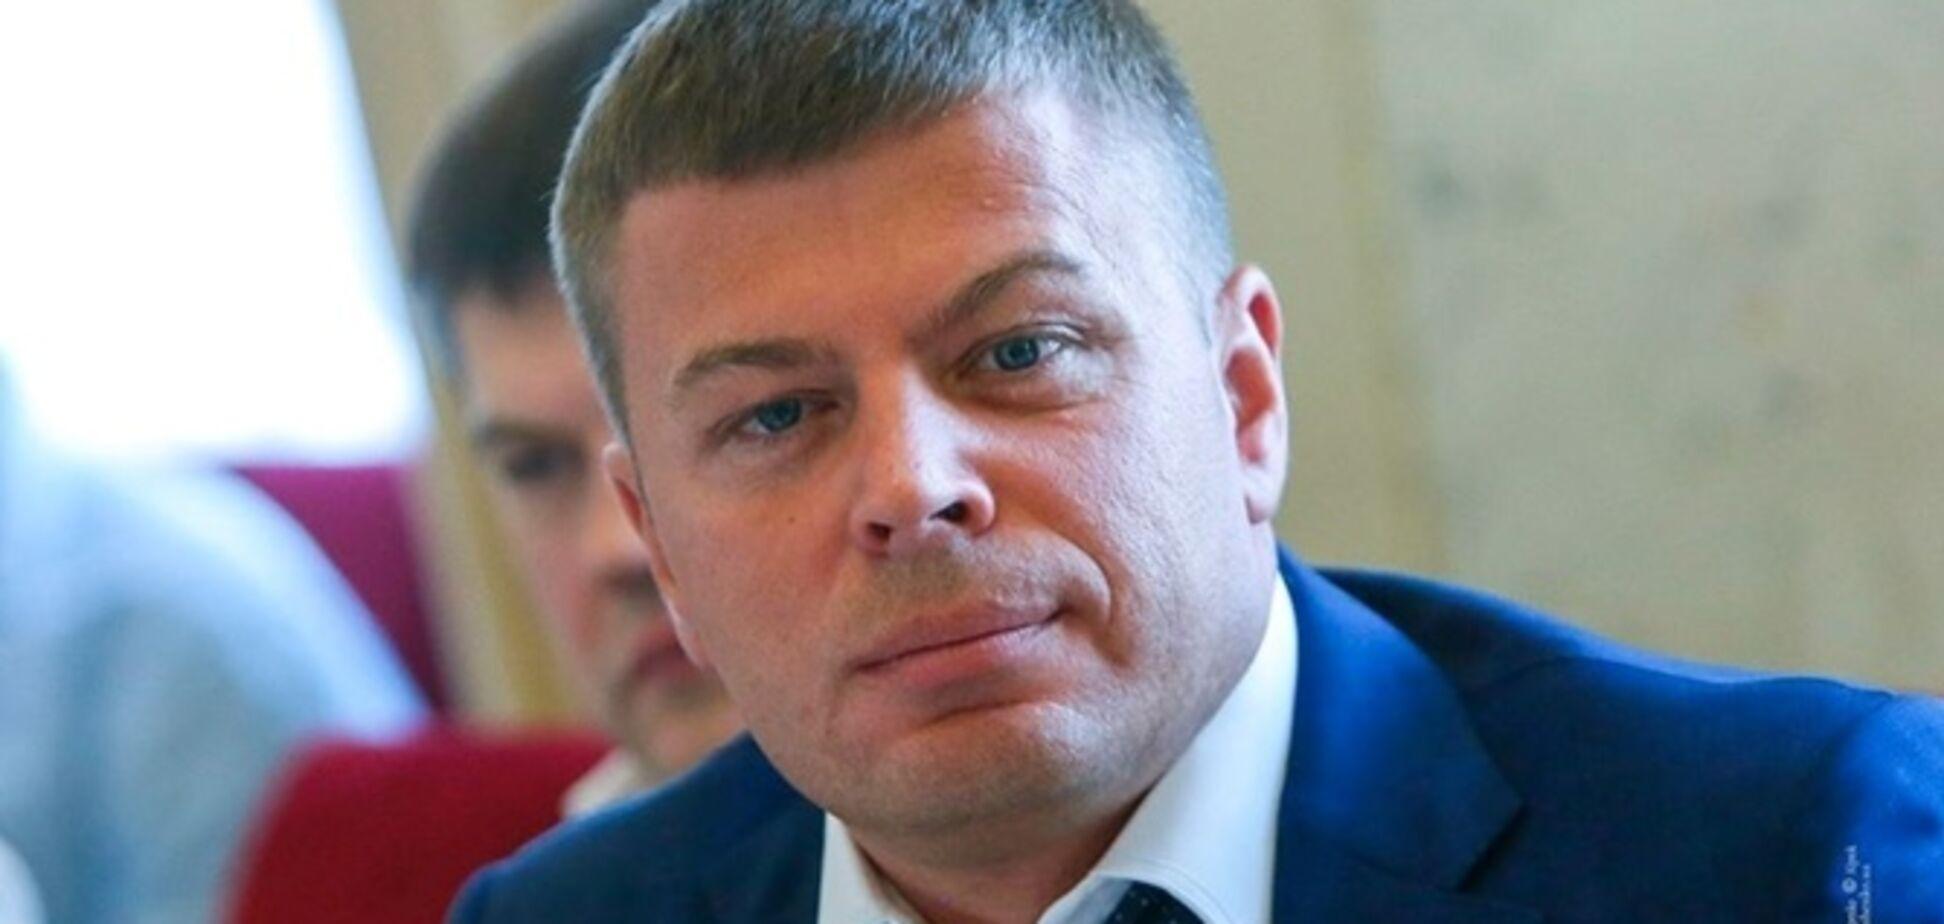 Депутат Пузійчук намагається заробити на добудові об'єктів 'Аркади', – блогер